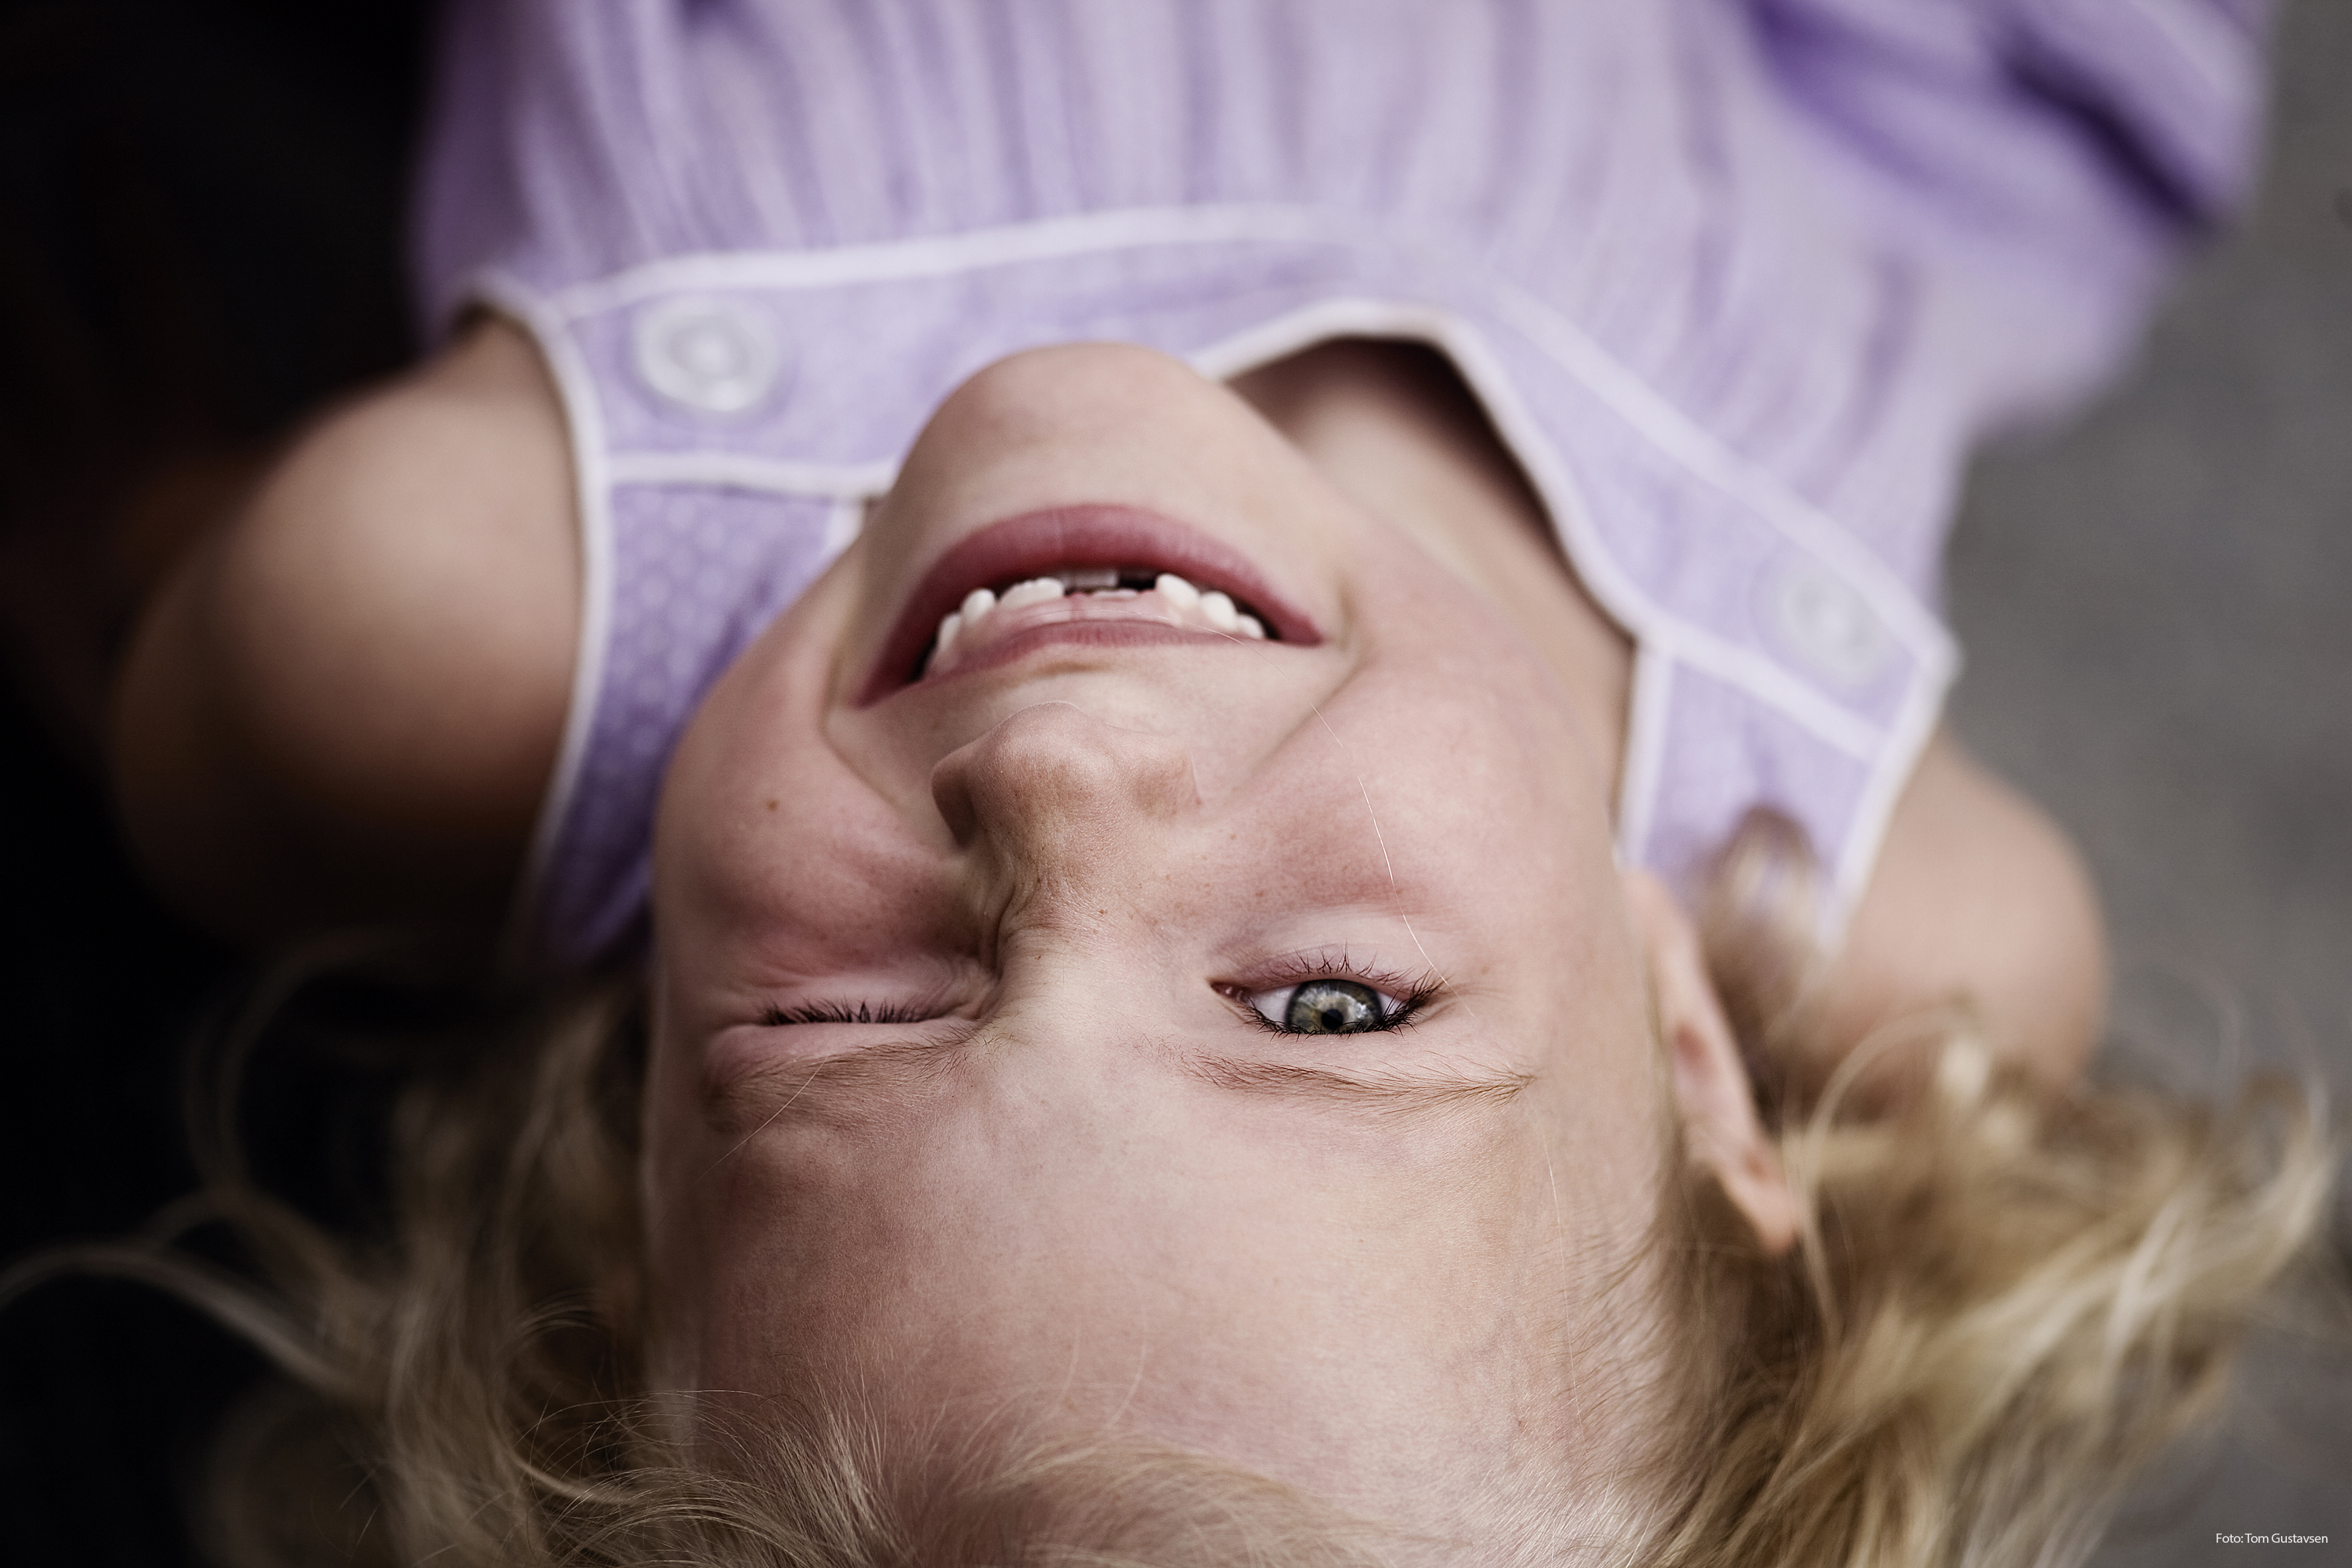 Ei barnehagejente i lilla kjole ser i kameraet og smiler med et øye lukket. og har et øye igjen.